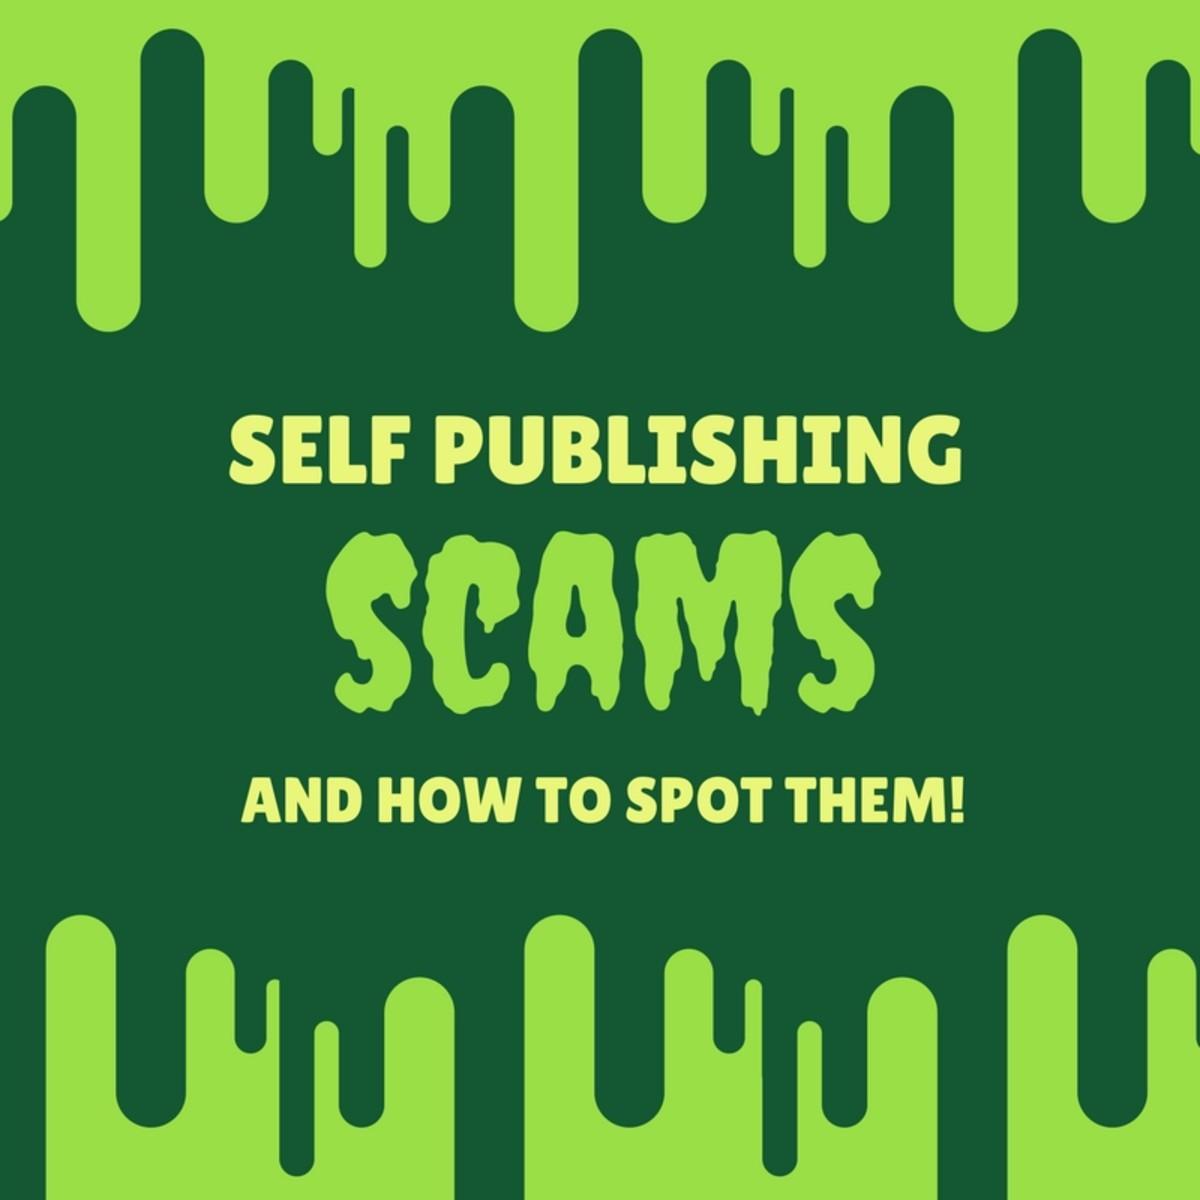 Avoid scams!